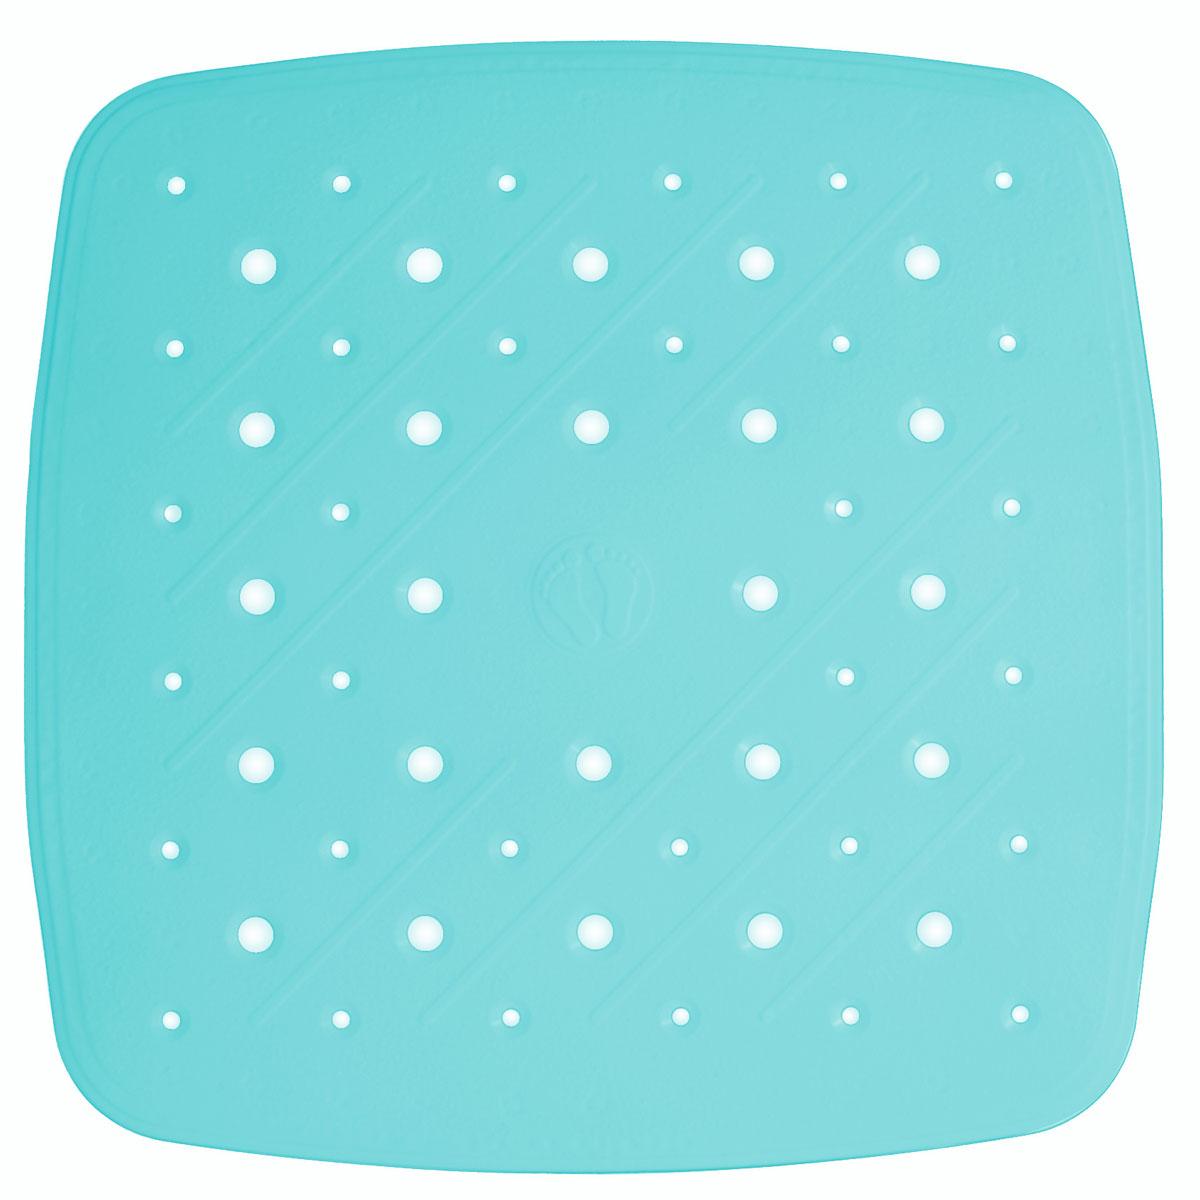 Коврик для ванной Ridder Promo, противоскользящий, на присосках, цвет: голубой, 51 х 51 см167903Высококачественный немецкий коврик Ridder Promo создан для вашего удобства.Состав и свойства противоскользящего коврика: - синтетический каучук и ПВХ с защитой от плесени и грибка; - имеются присоски для крепления. Безопасность изделия соответствует стандартам LGA (Германия).